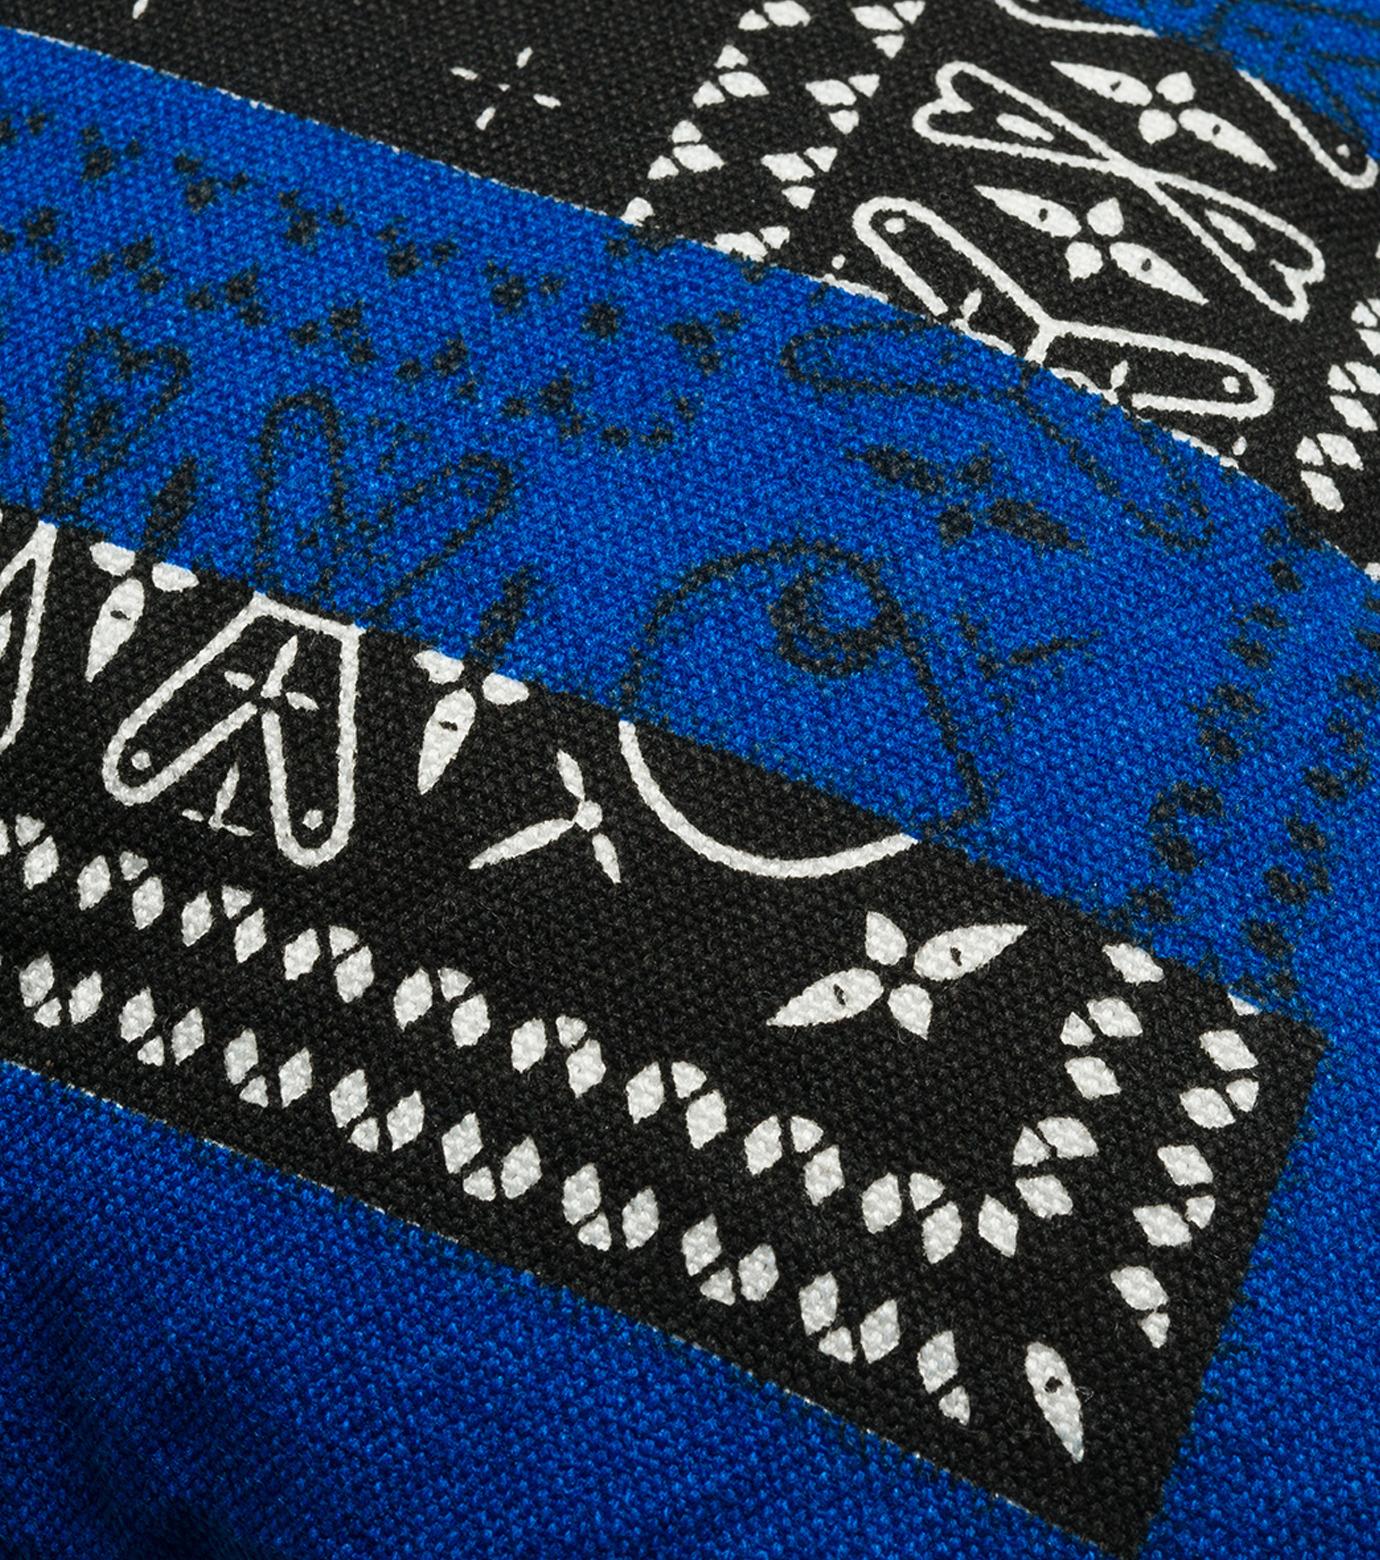 Carhartt(カーハート)のSTATE PILLOW-BLUE(インテリア/interior)-I020354-15F-92 拡大詳細画像2